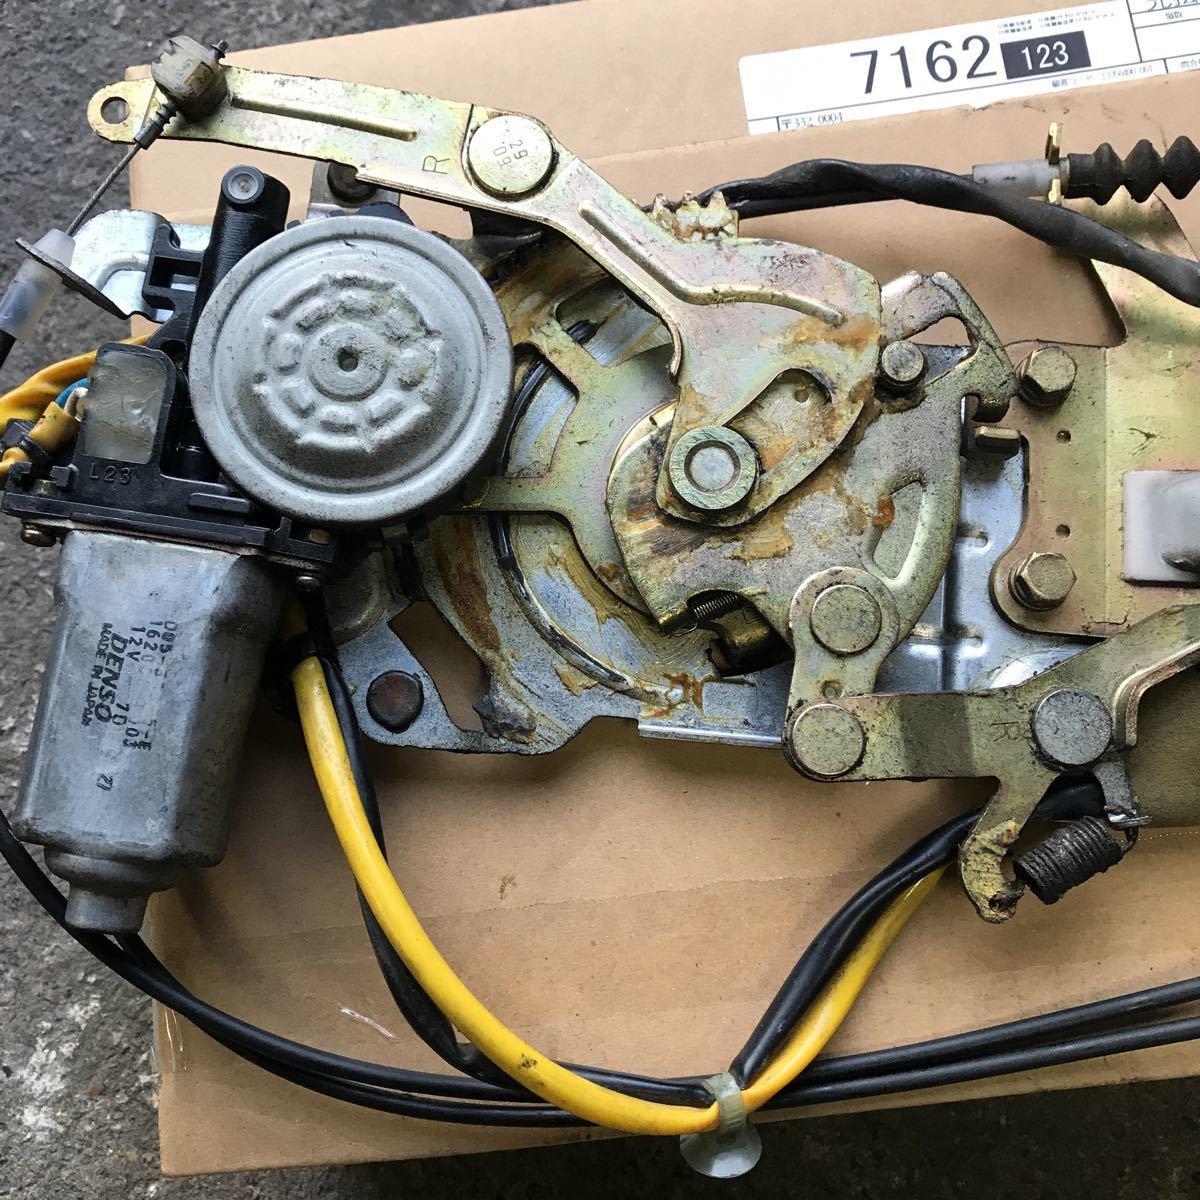 マツダ MPV LW3W 右スライド 右リア イージークローザー ドアロック アクチュエーター オートロック ソレノイド LD52-72-310_画像2